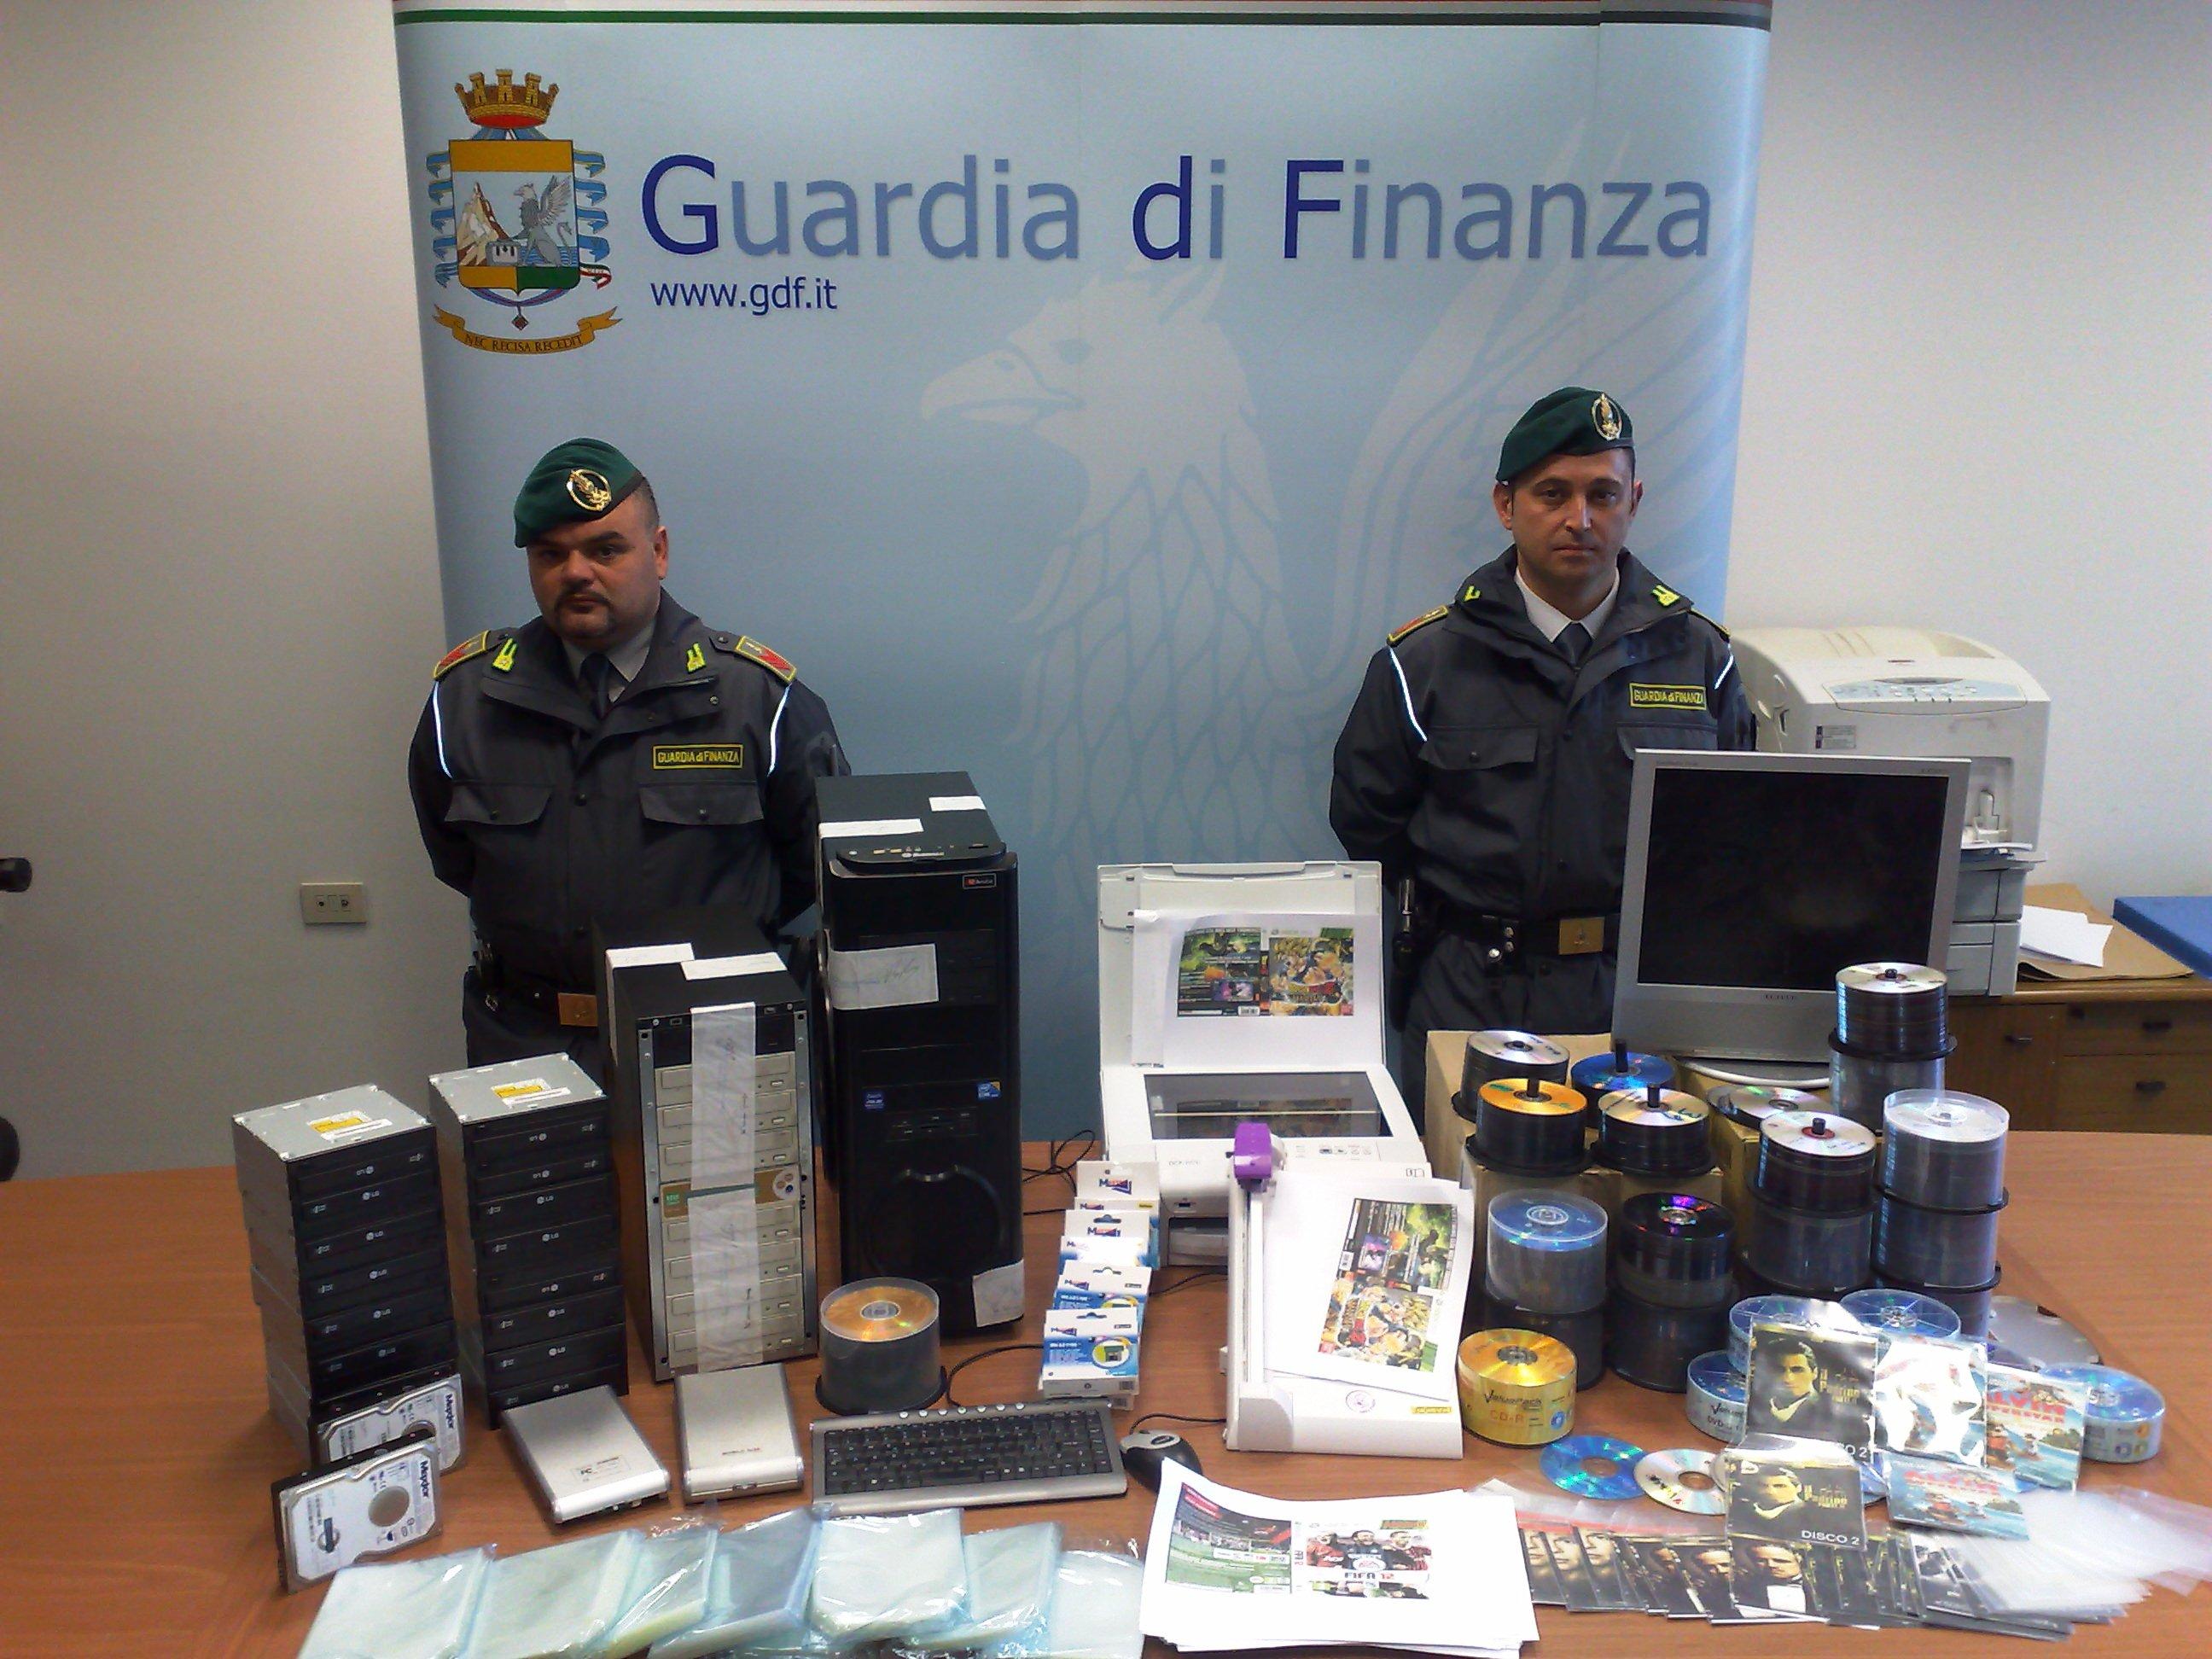 Guardia di Finanza, lotta alla pirateria, sequestrati cd e dvd